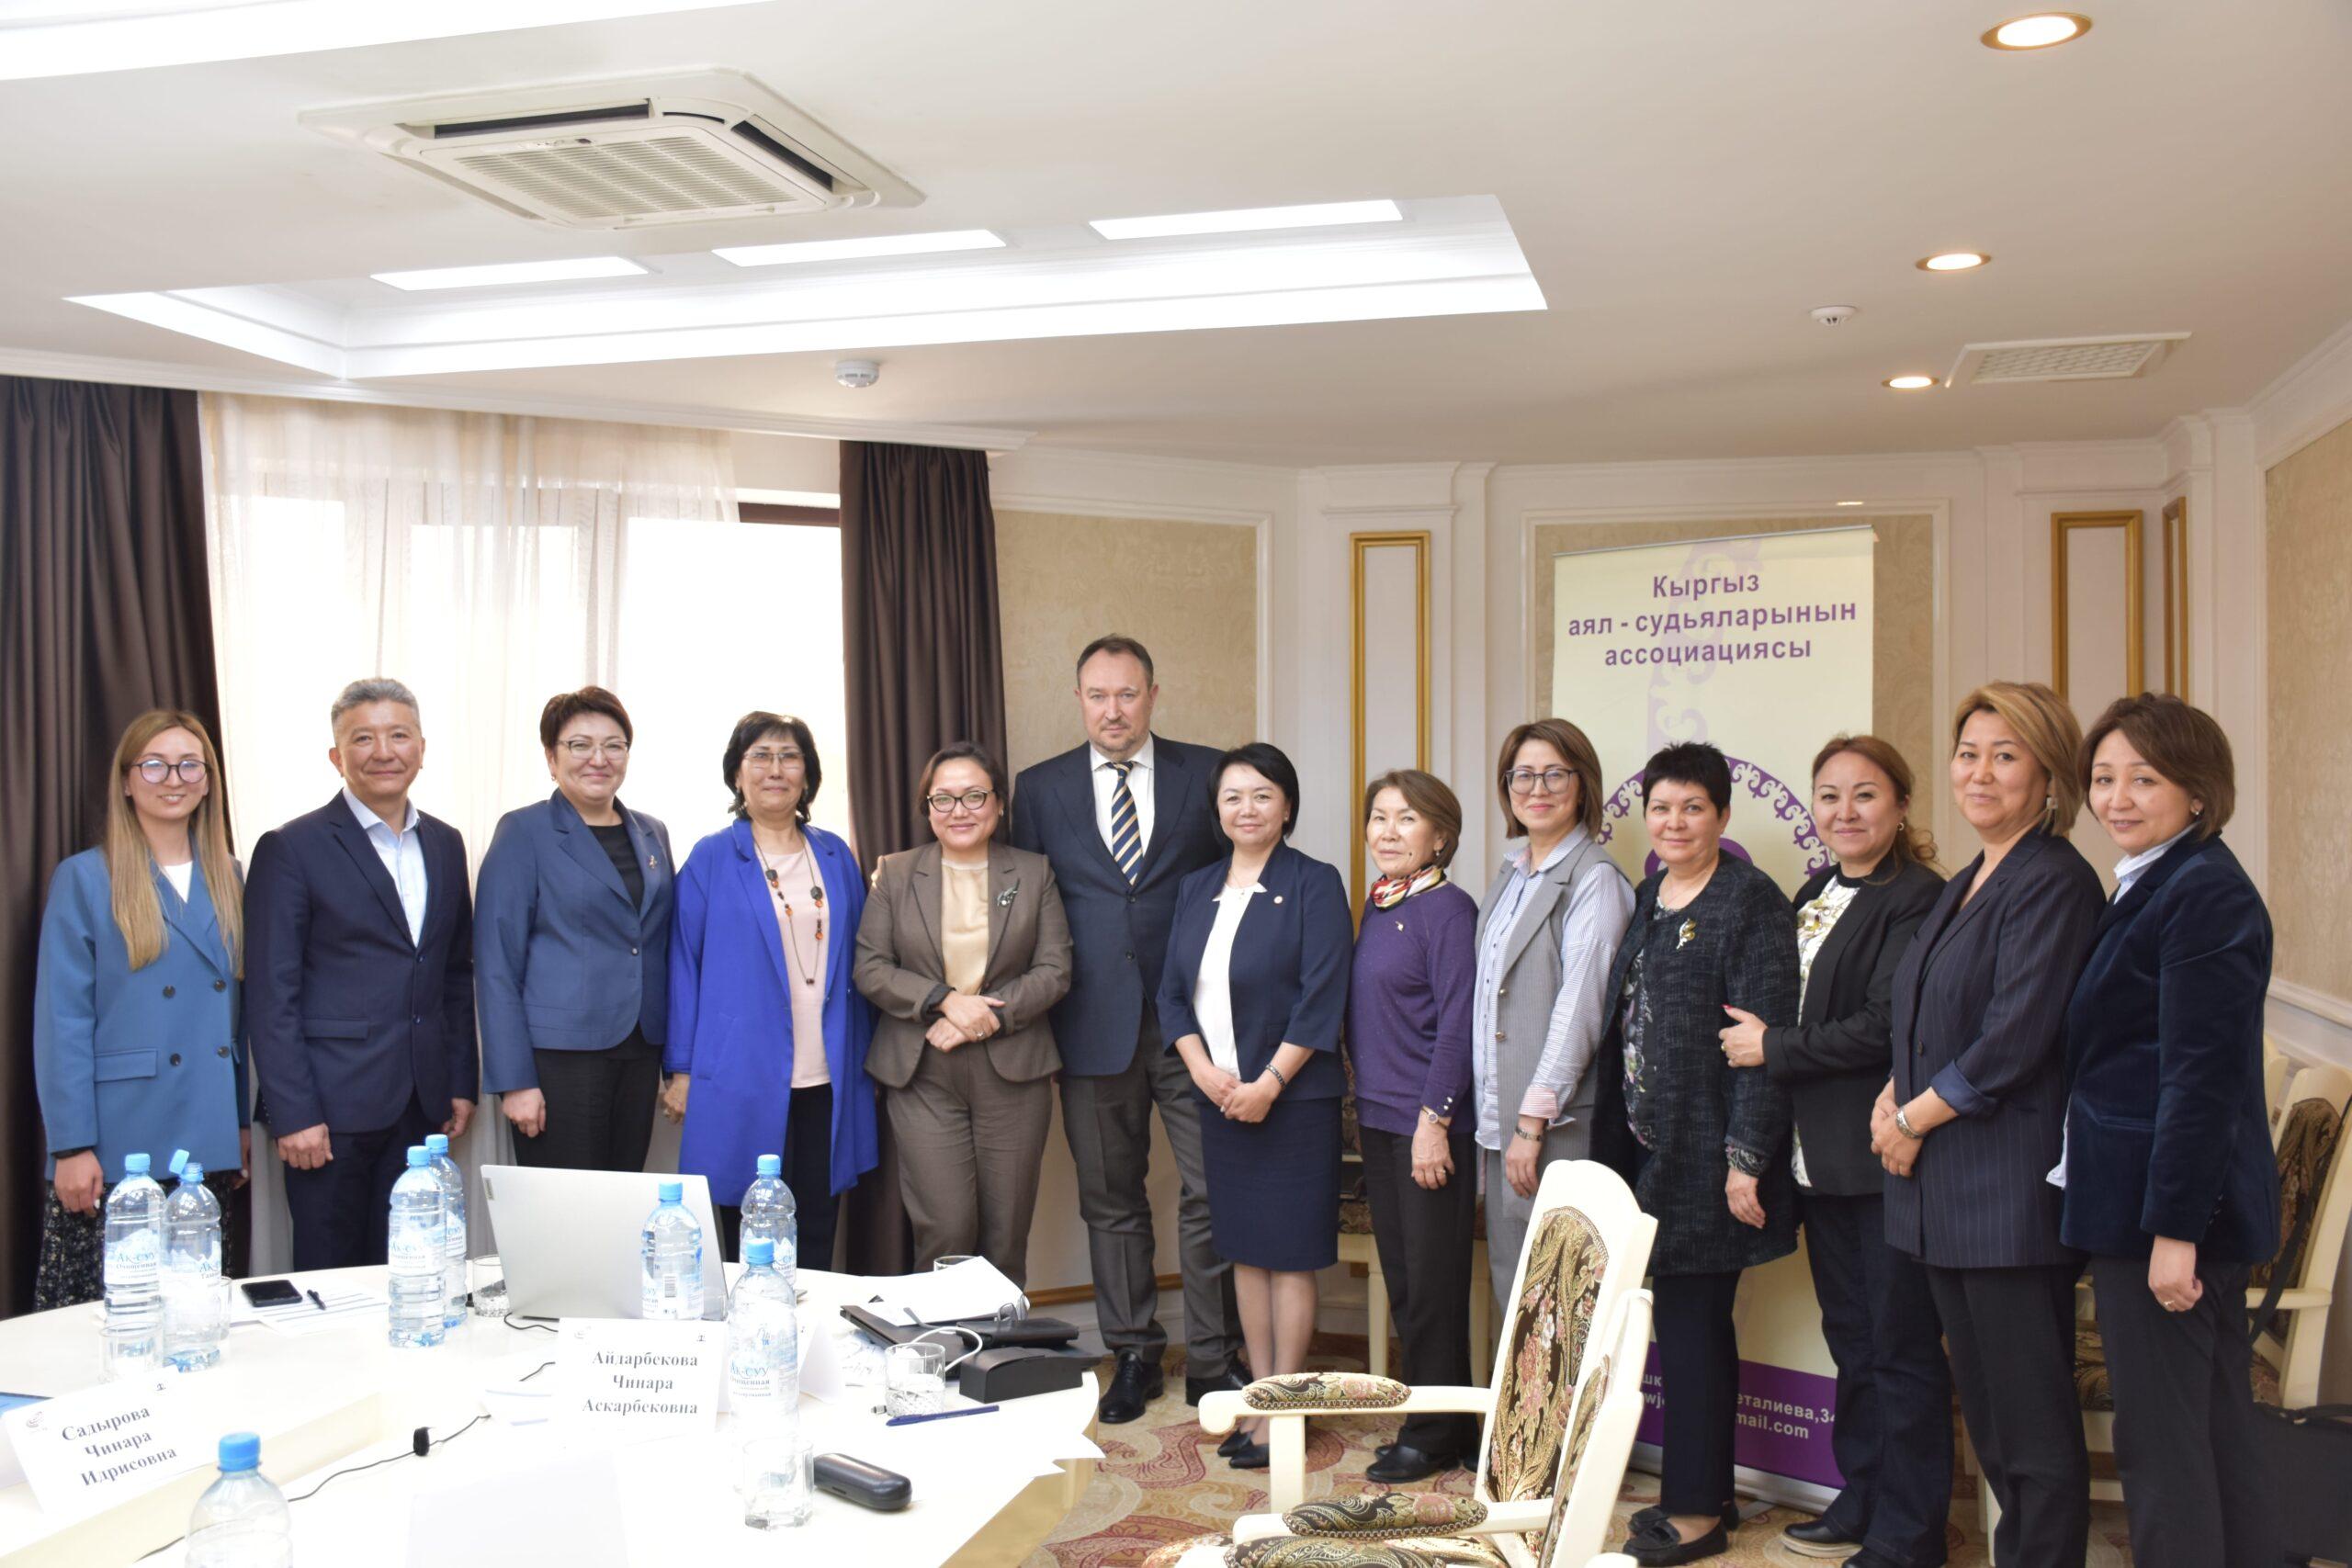 Общественное объединение «Кыргызская ассоциация женщин-судей» провело информационный семинар на тему: «Стандарты независимости судебной системы»